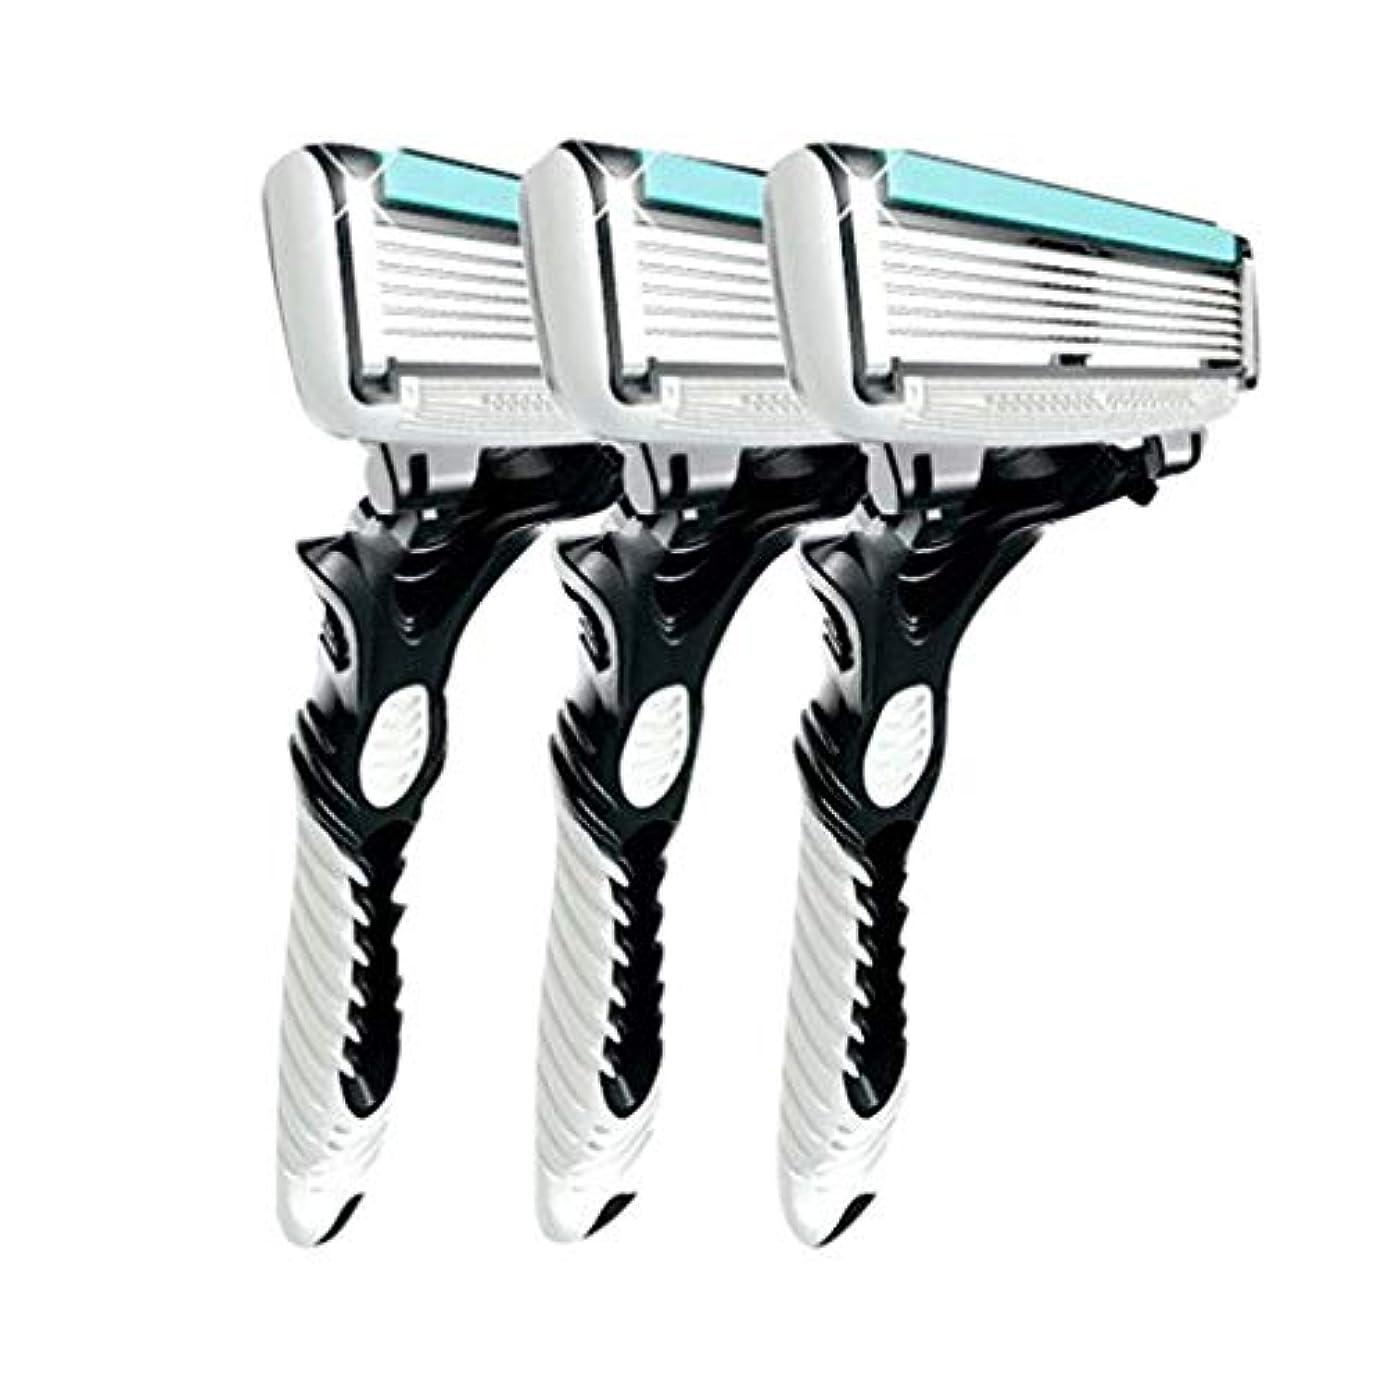 計器十一対応する3pcsの男性の安全の伝統的なクラシック6層シェービング髪ブレードカミソリのマニュアルステンレス鋼のシェービング髪のブレイド